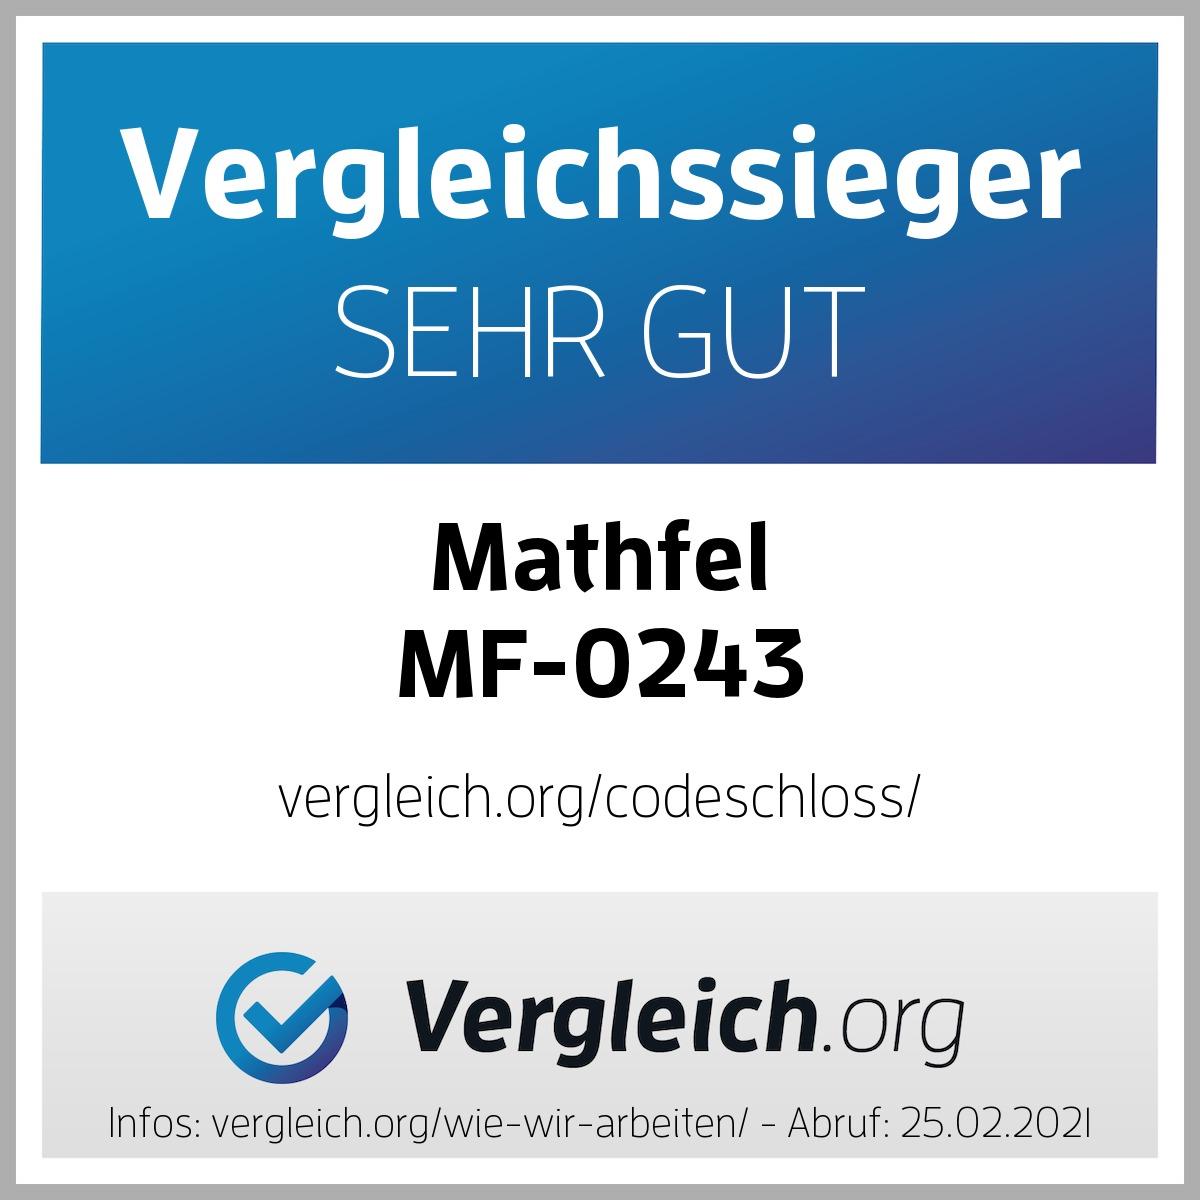 Mathfel Codeschloss Testsieger